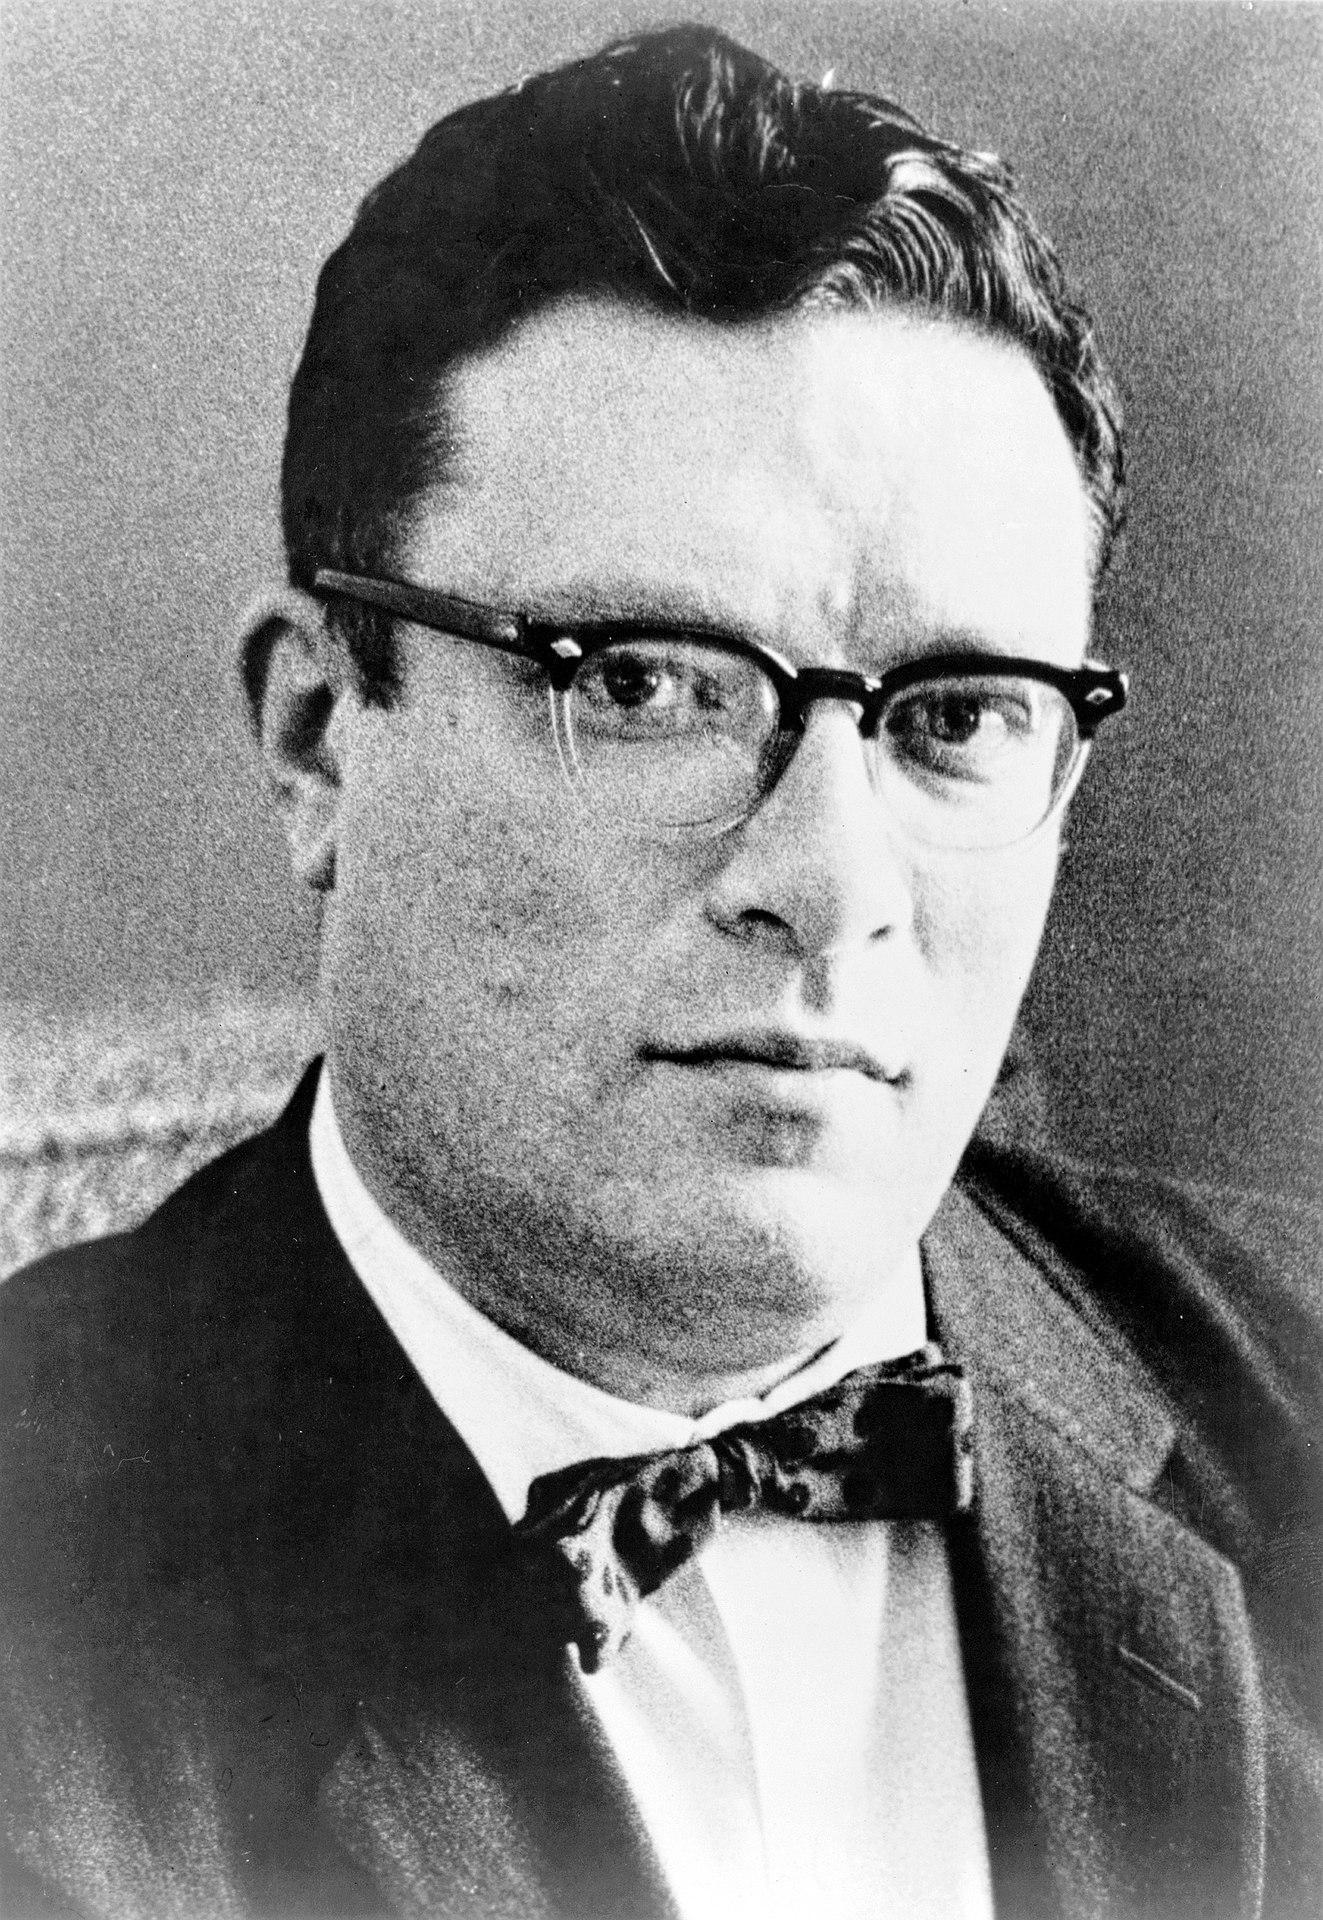 アイザック・アシモフ(Isaac Asimov)Wikipediaより